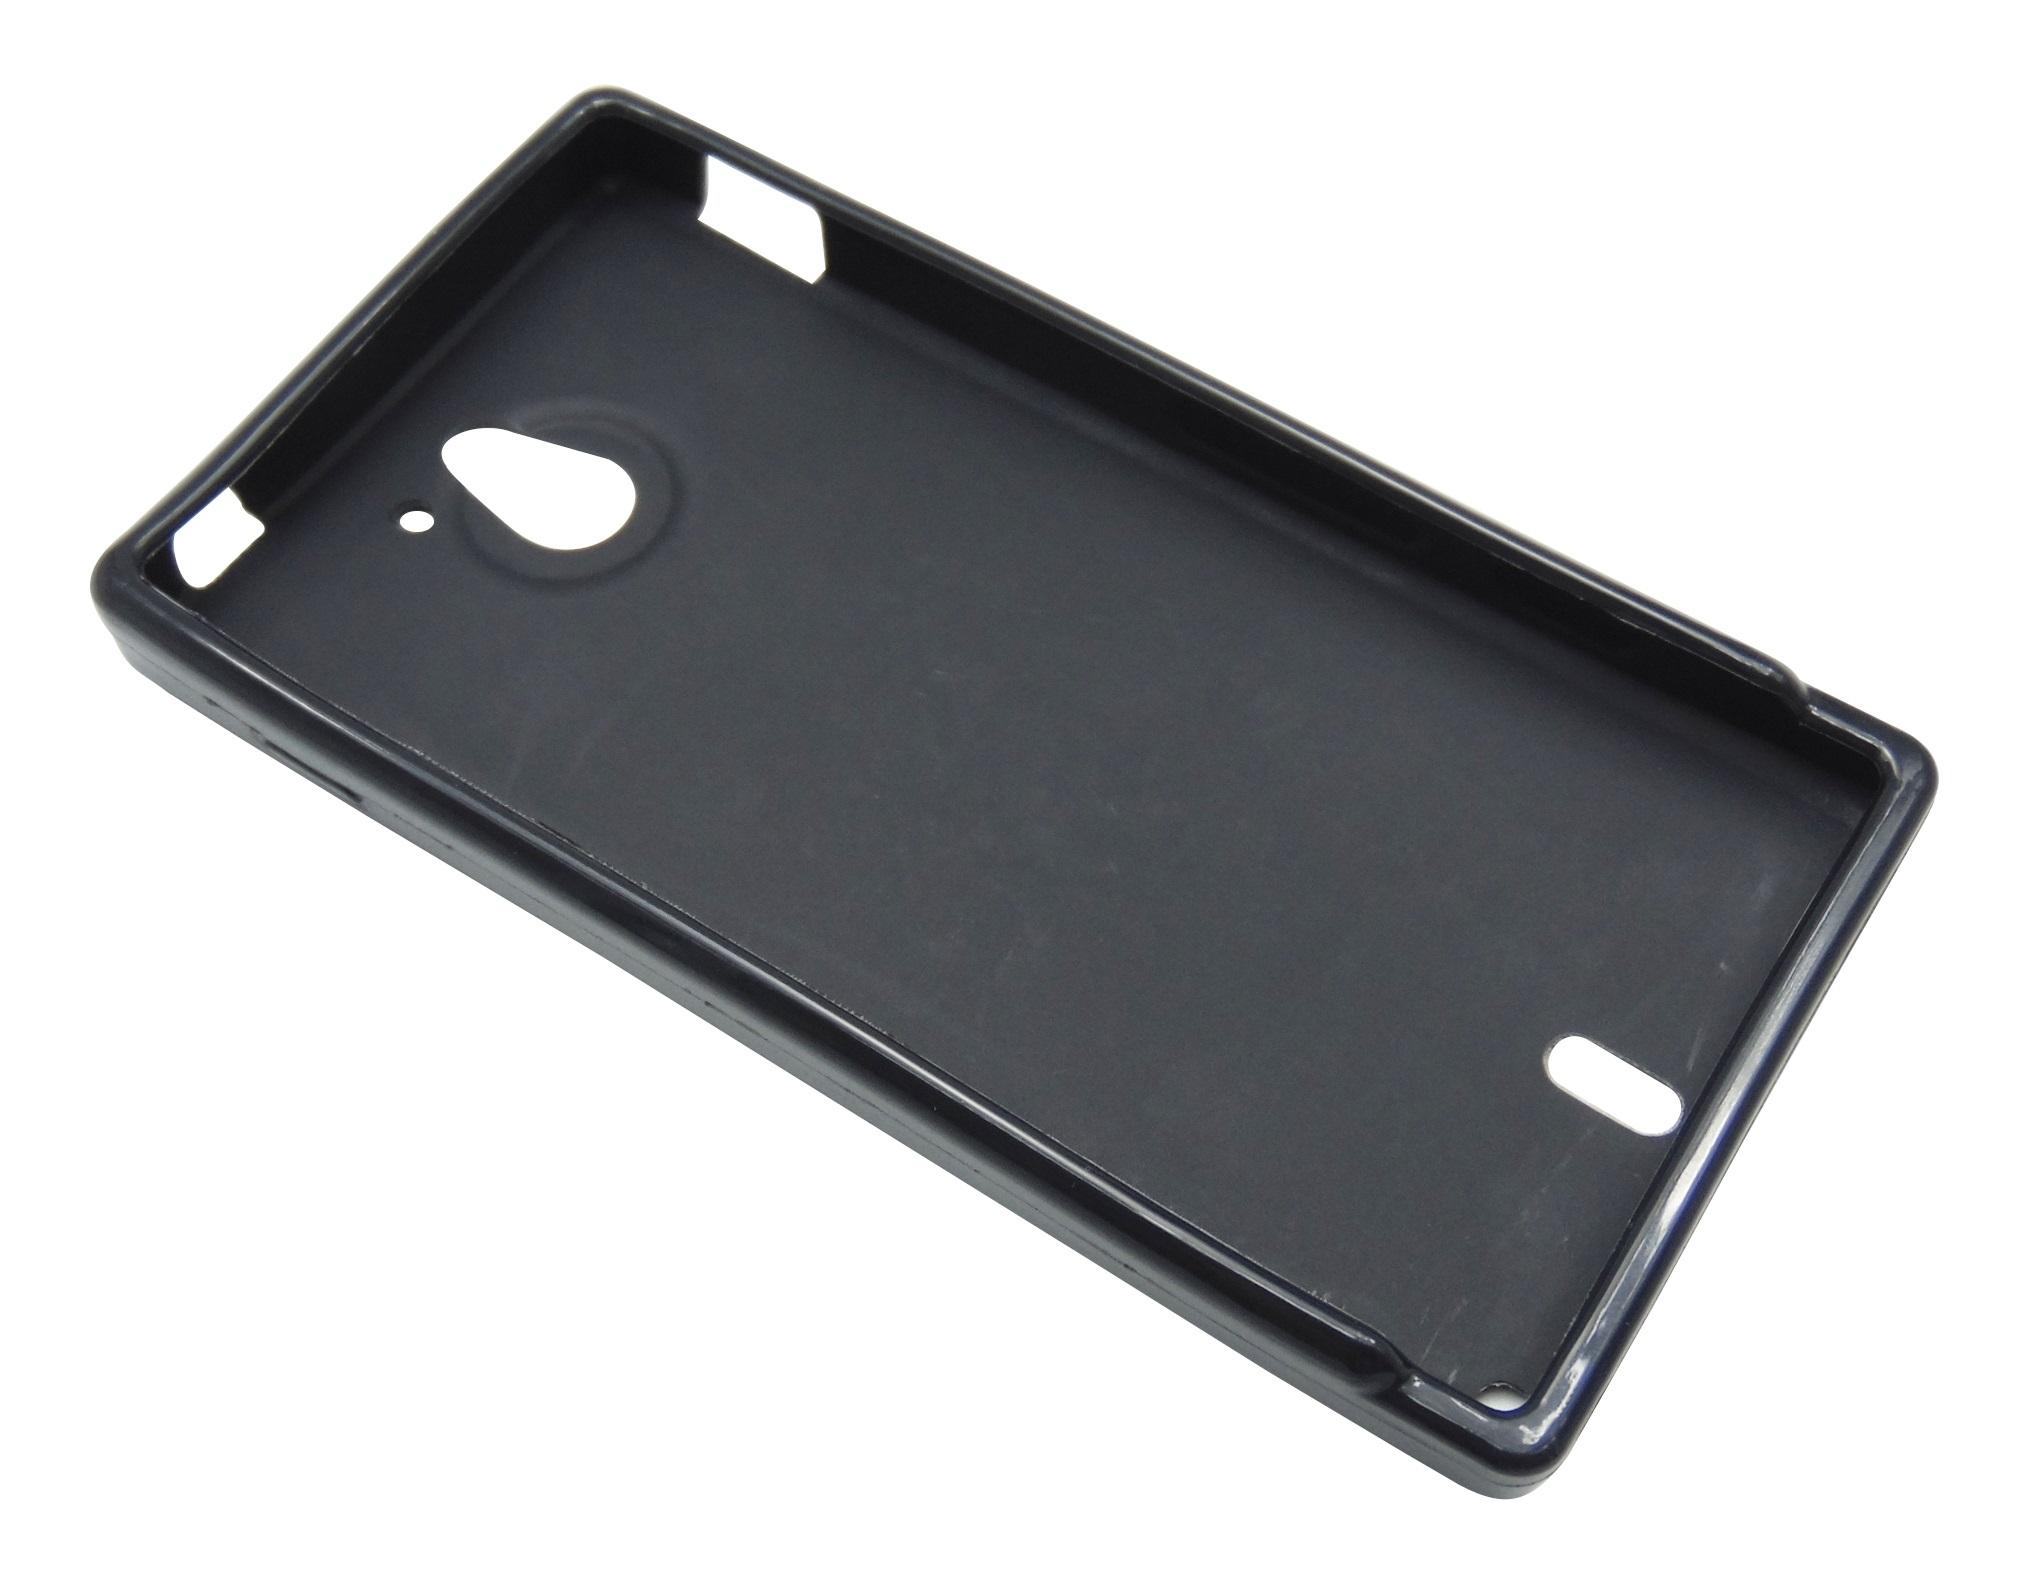 Husa silicon neagra pentru Sony Xperia Sola (MT27i)